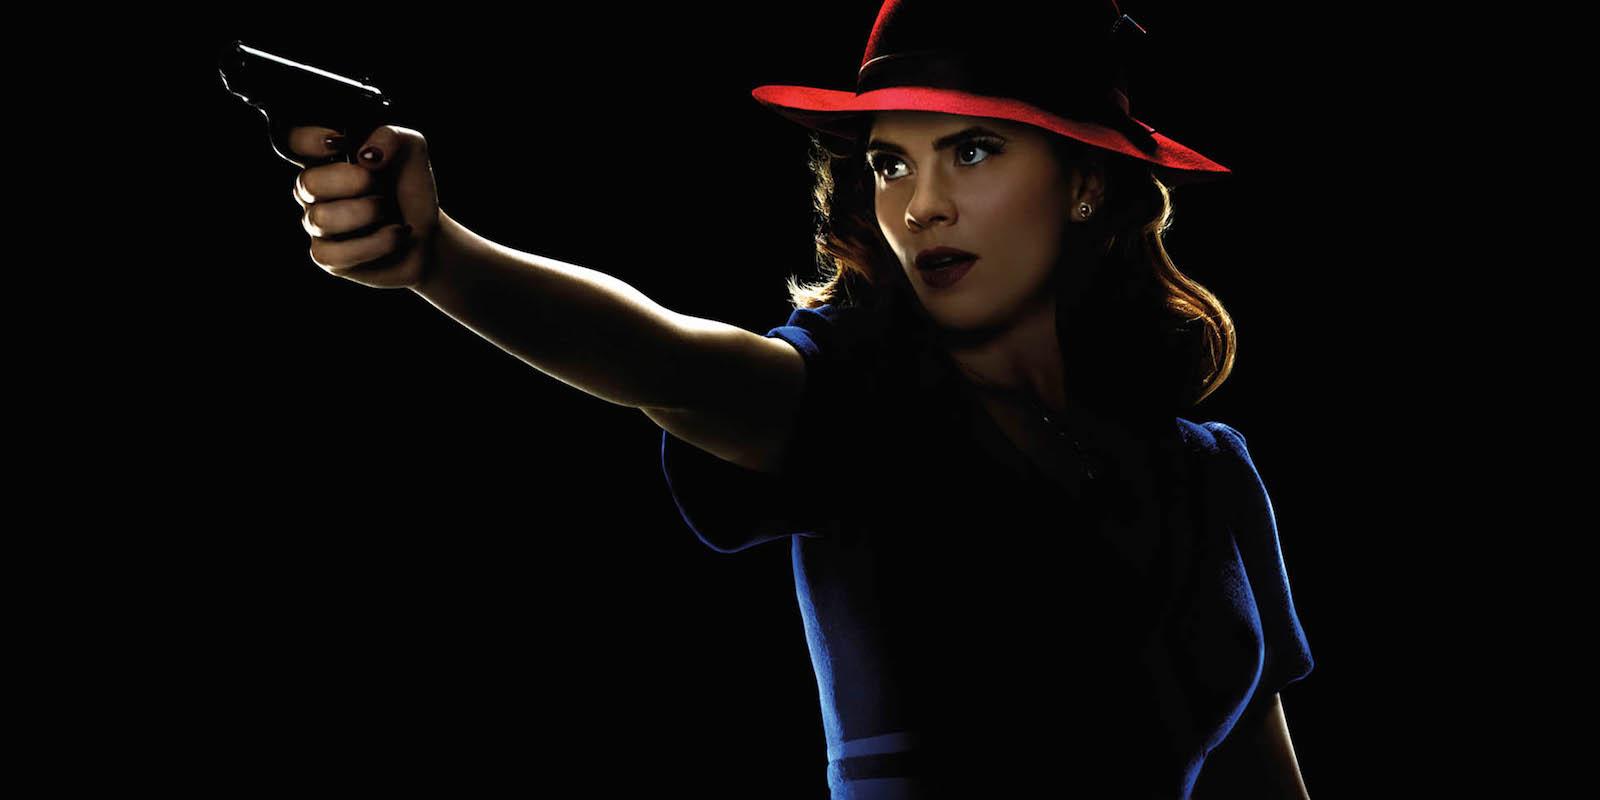 High Resolution Wallpaper | Agent Carter 1600x800 px